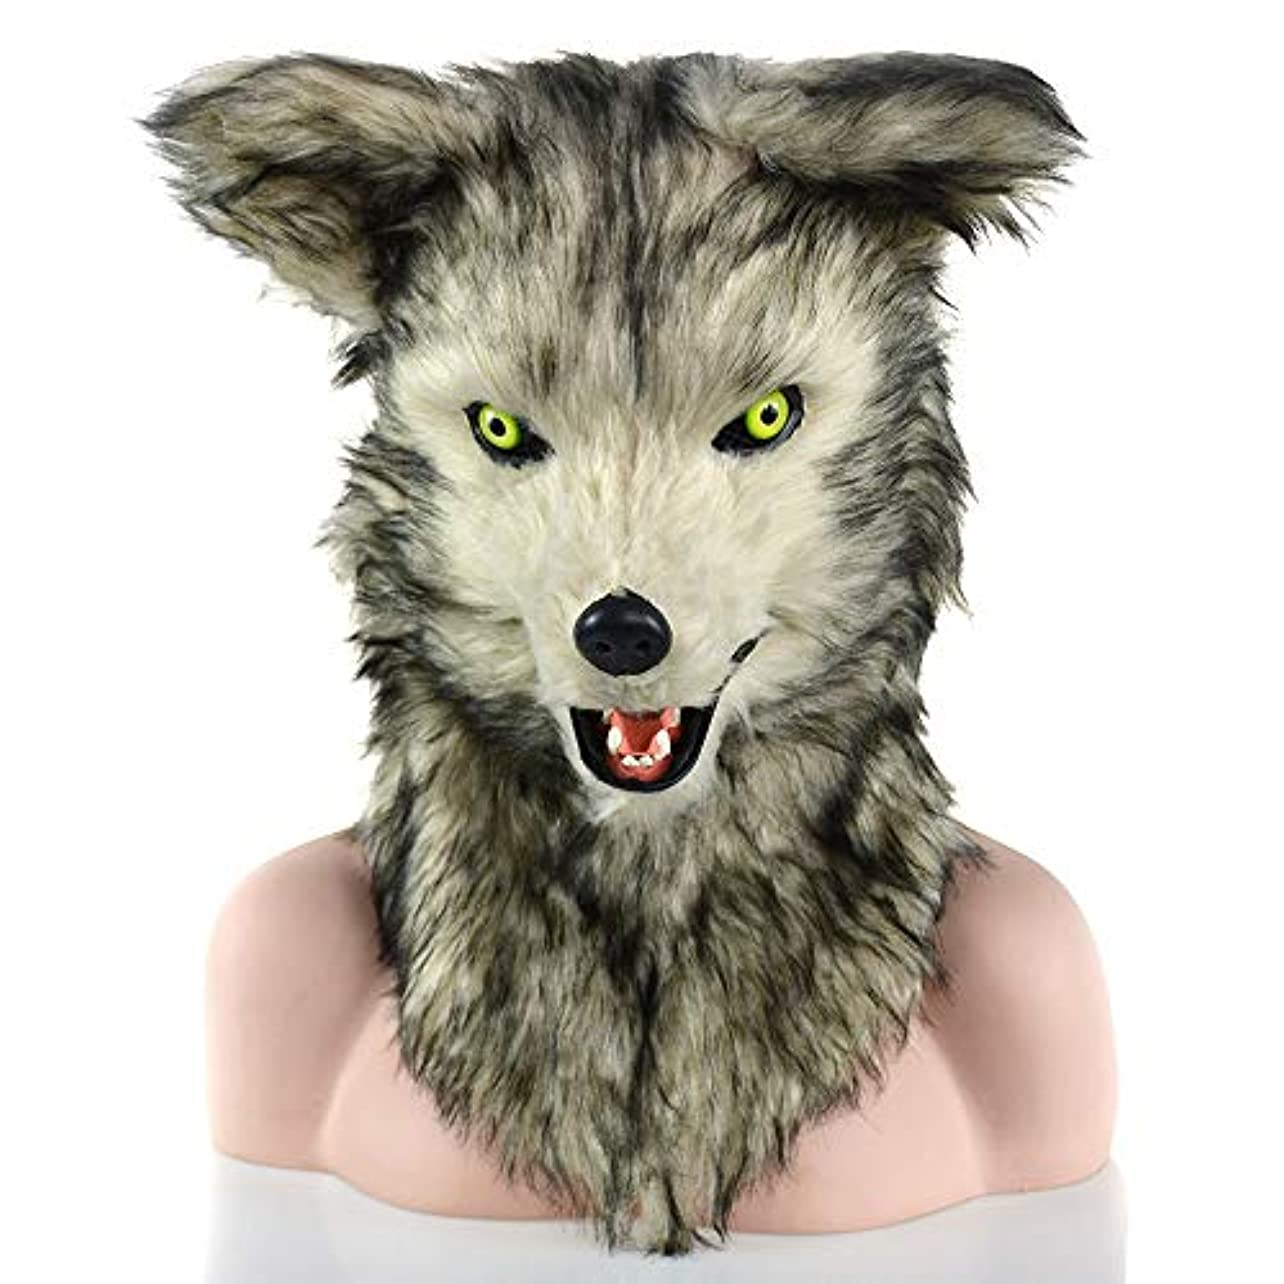 立方体においむしゃむしゃETH あなたの口ジャッカルがハロウィン用品ぬいぐるみシミュレーション動物デコレーションドレス帽子マスク移動します 適用されます